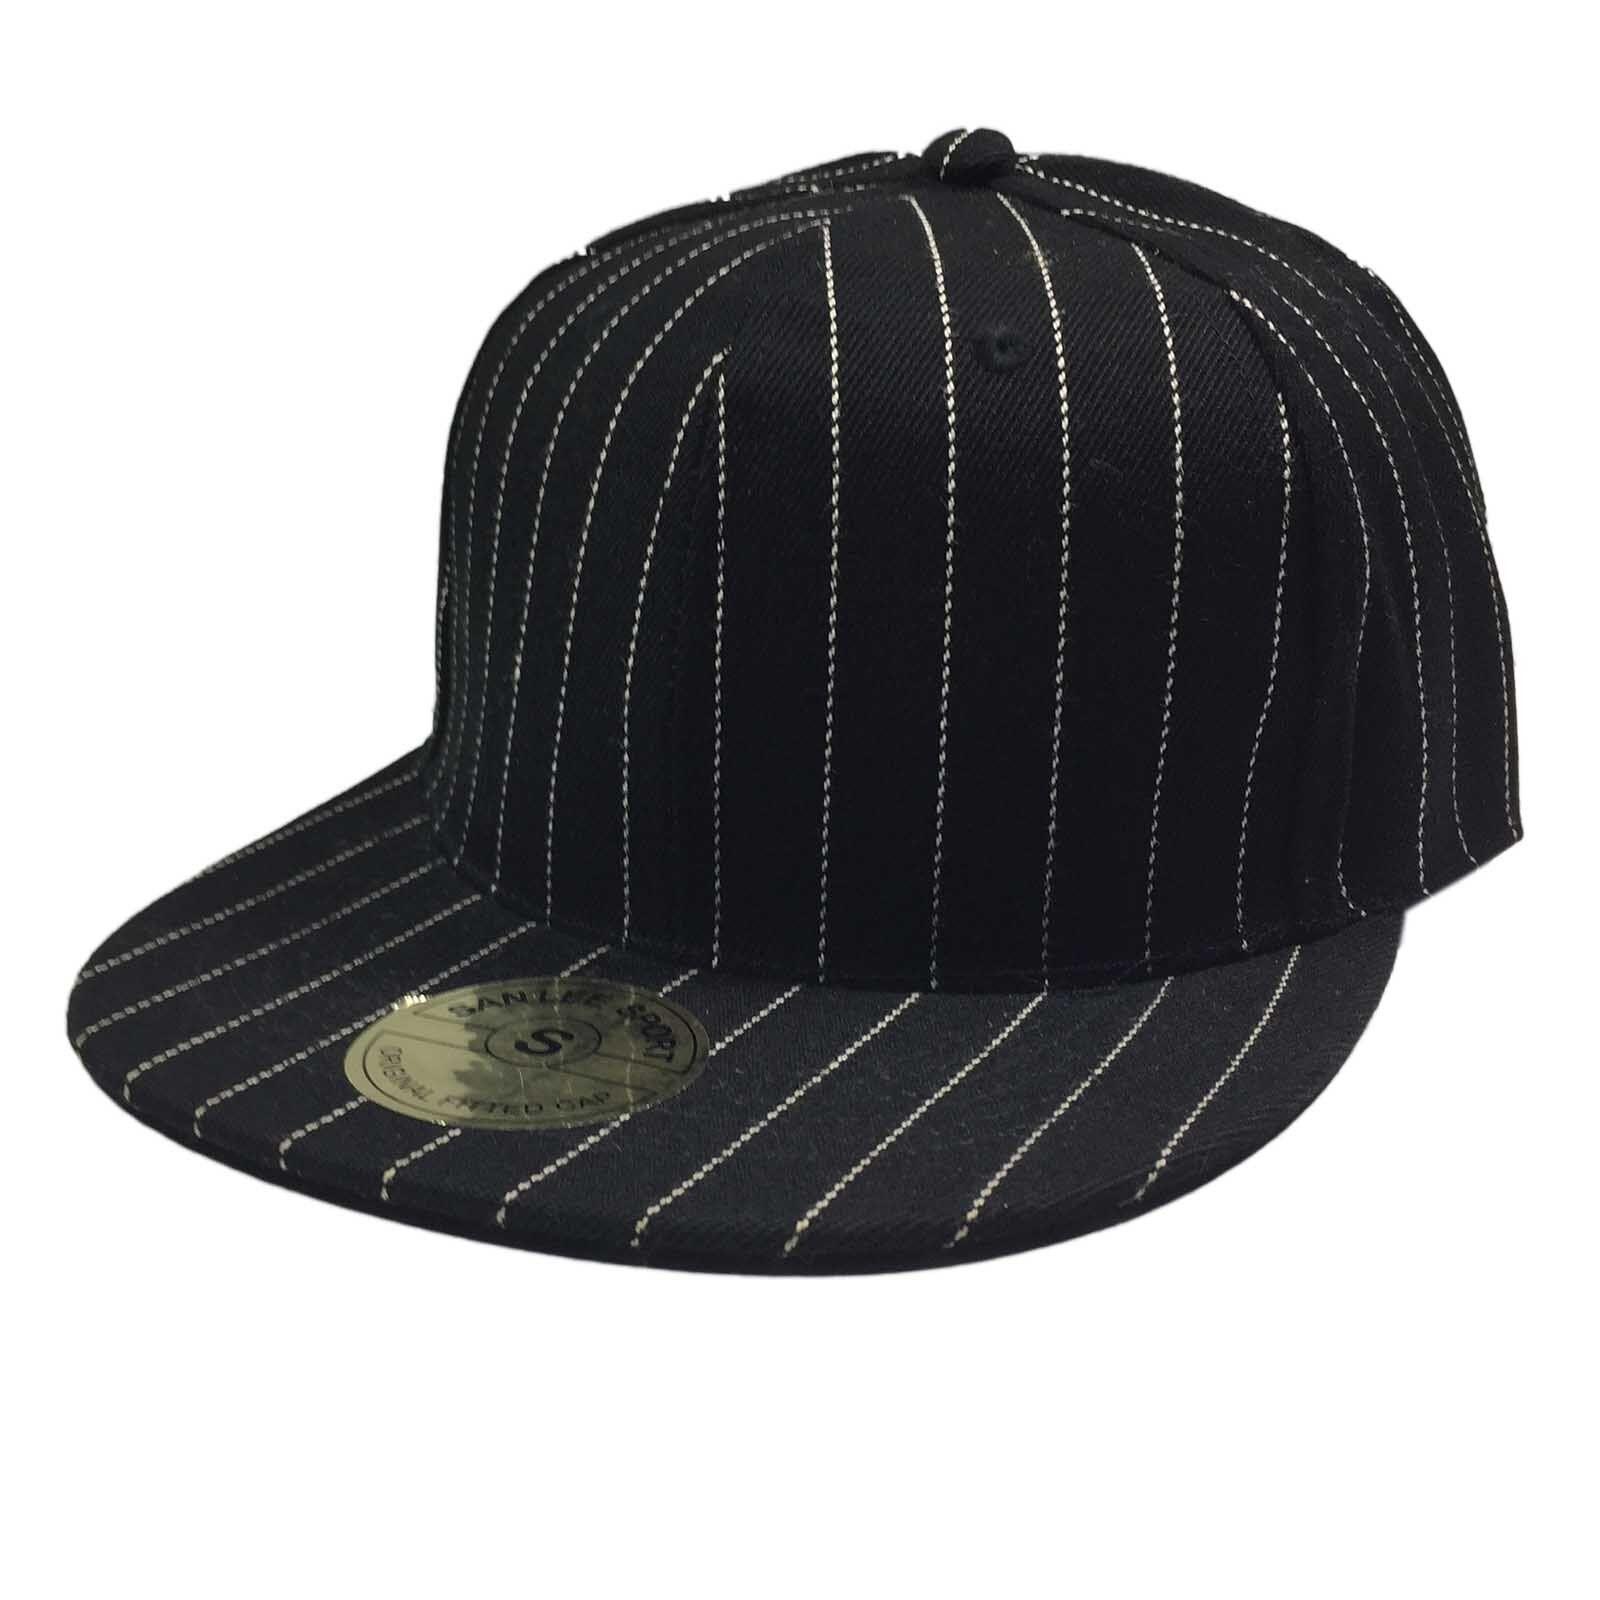 Hip Hop Hiphop Urban Kleidung Kappe Hut Baseball Gangster Pin Streifen Mütze Eng